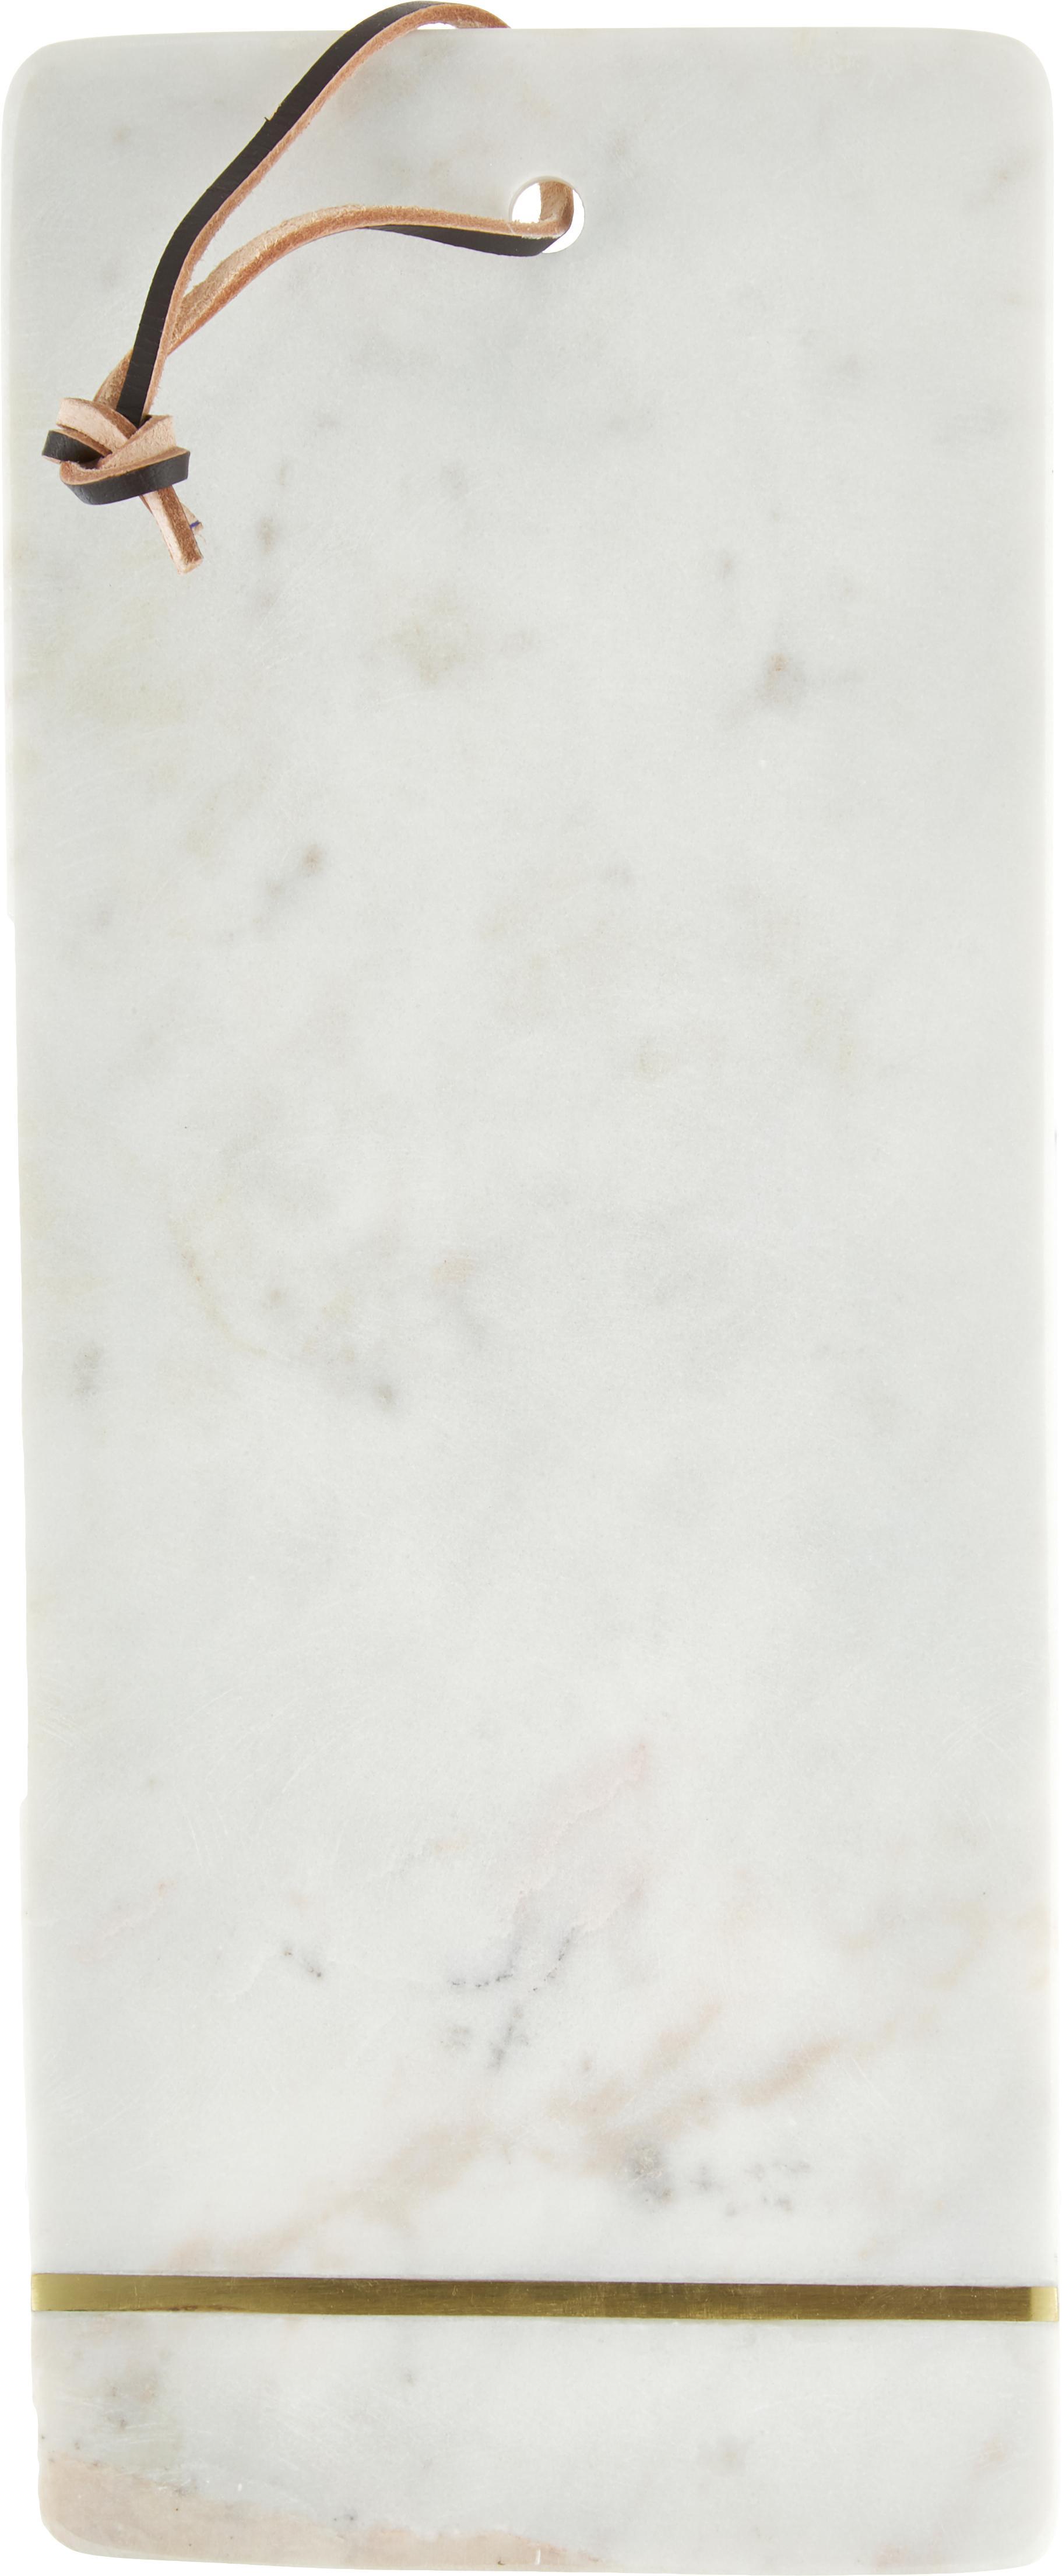 Marmor-Schneidebrett Strip, Weiß, Goldfarben, B 37 x T 15 cm